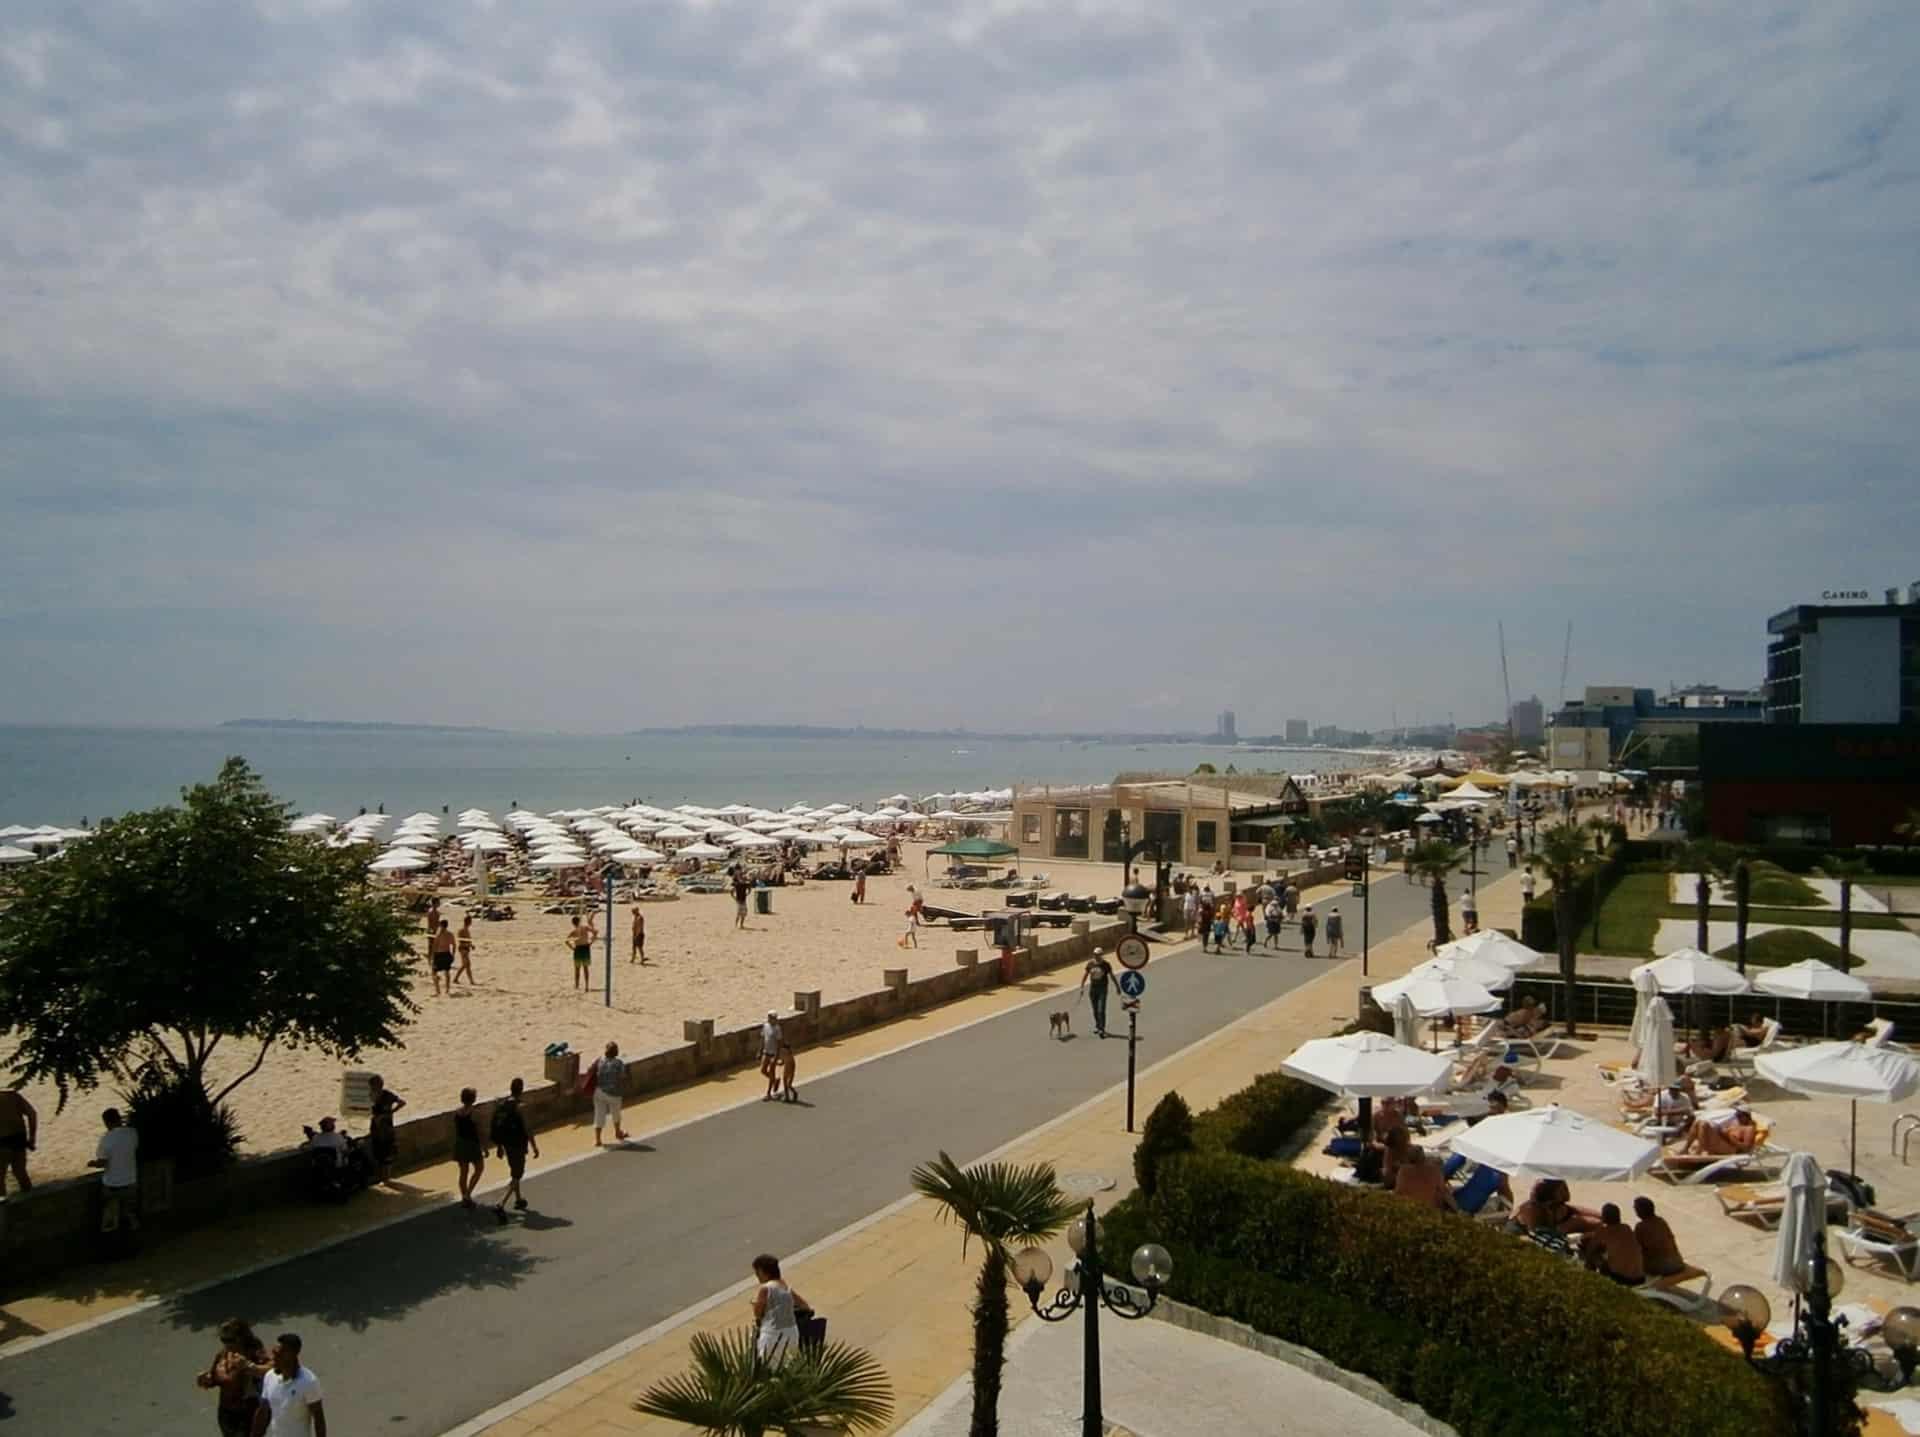 Die Strandpromenade in Burgas geht circa 9 Kilometer ununterbrochen mit feinem Sandstrand